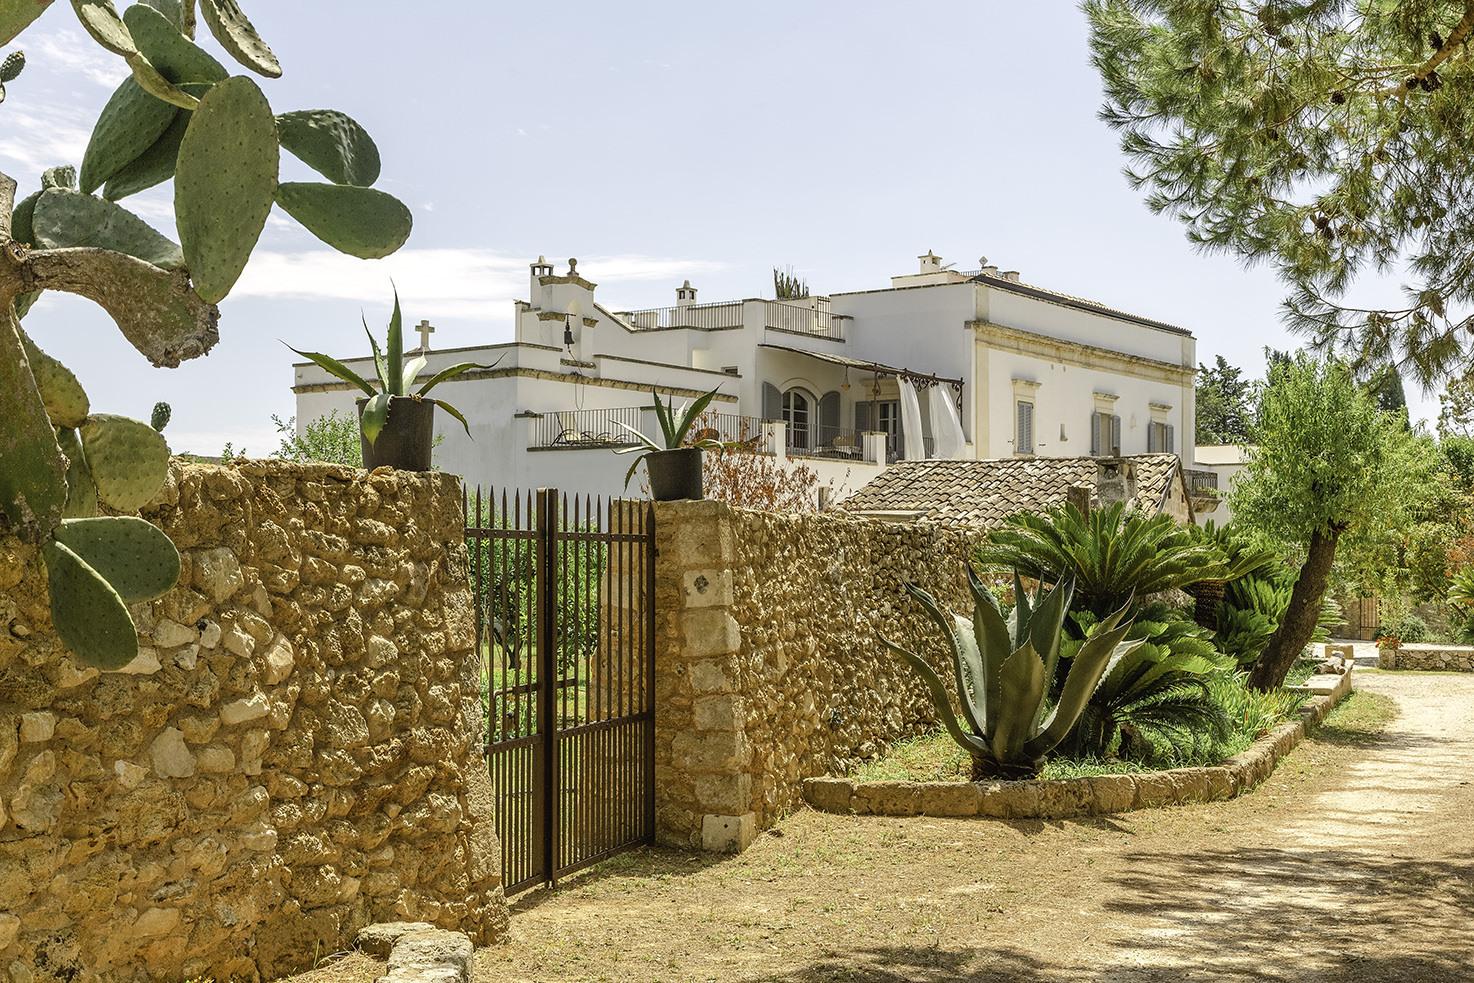 Entrance of Masseria Borgo Mortella